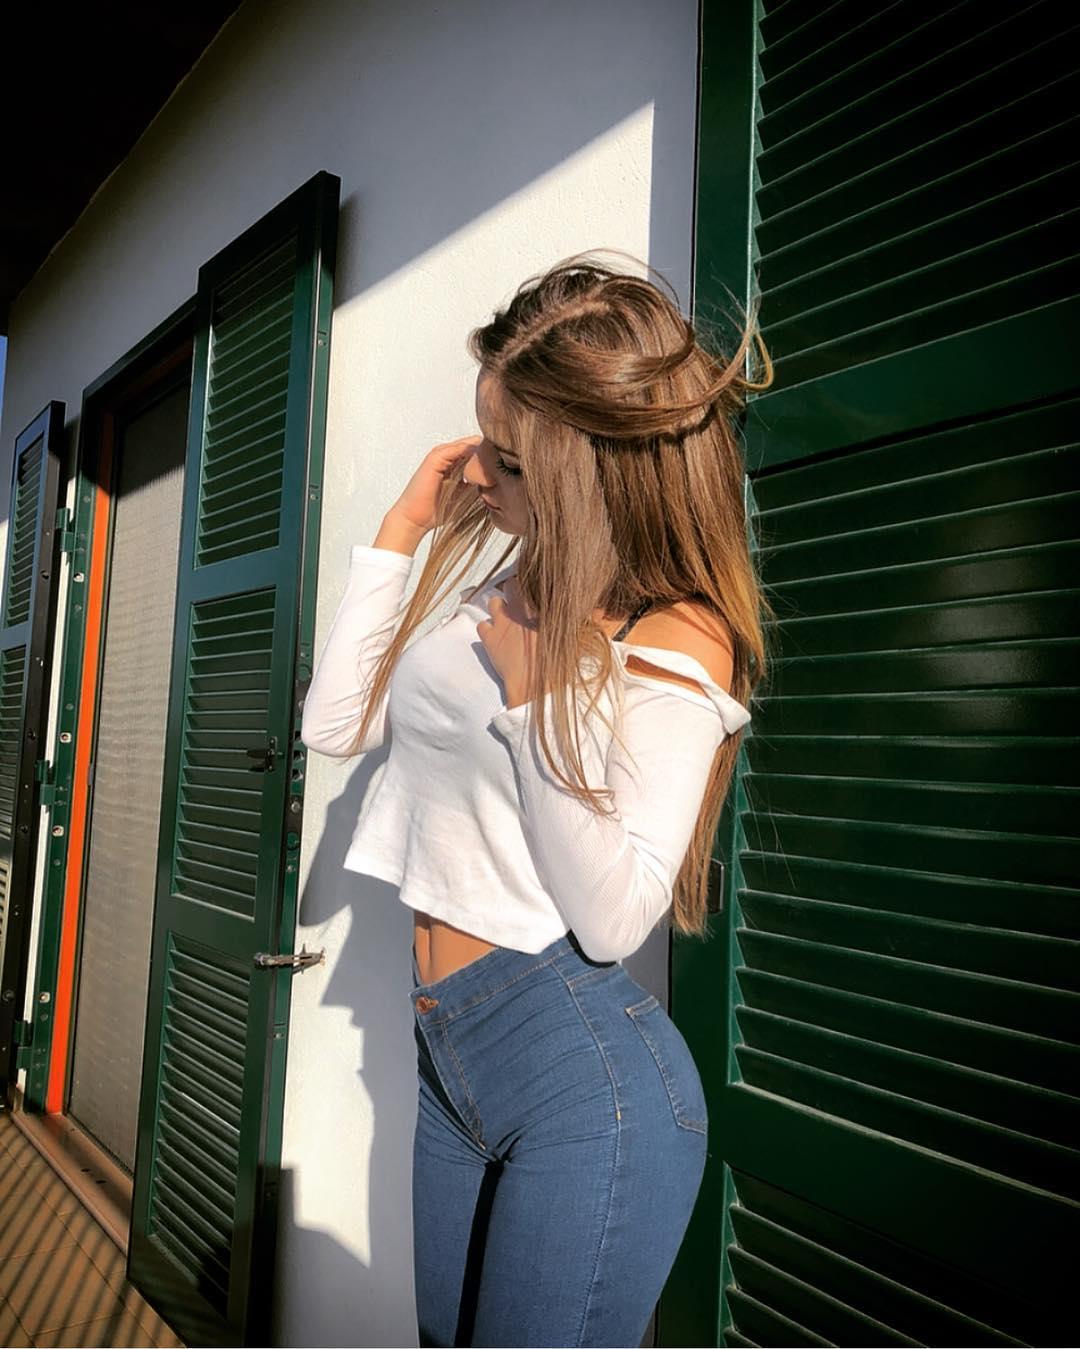 Giulia-Corrado-Wallpapers-Insta-Fit-Bio-9